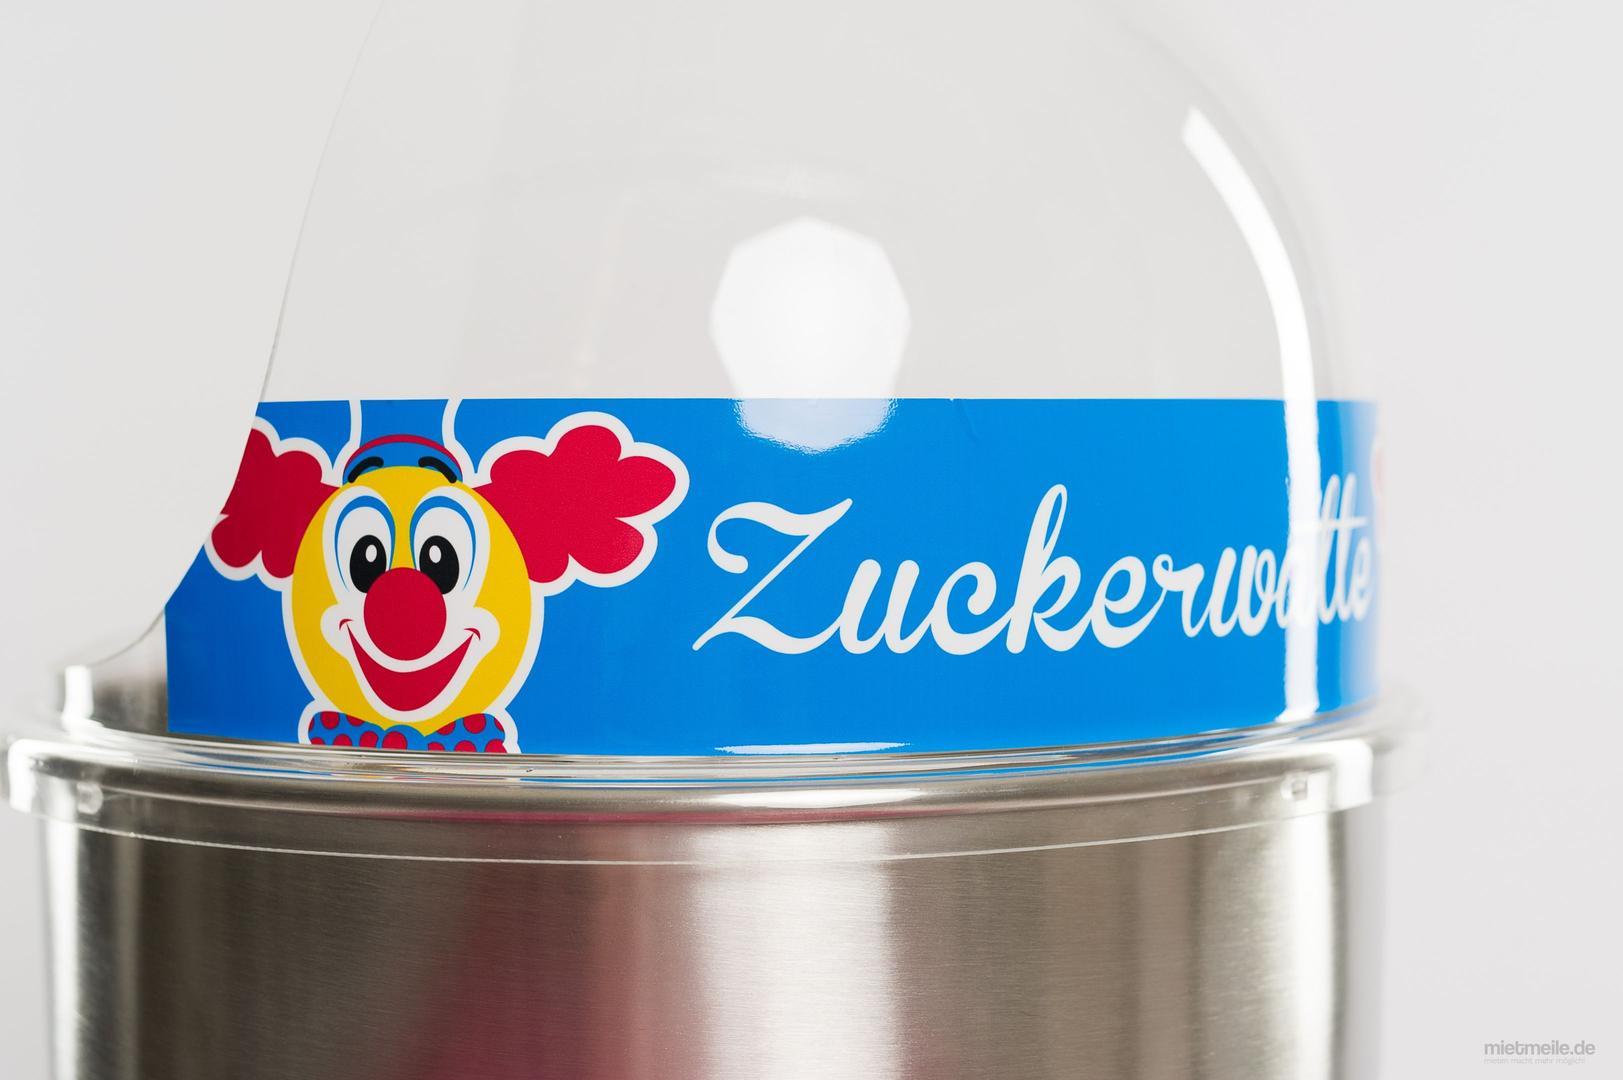 Zuckerwattemaschine mieten & vermieten - Zuckerwattemaschine  Mieten  in Appenweier